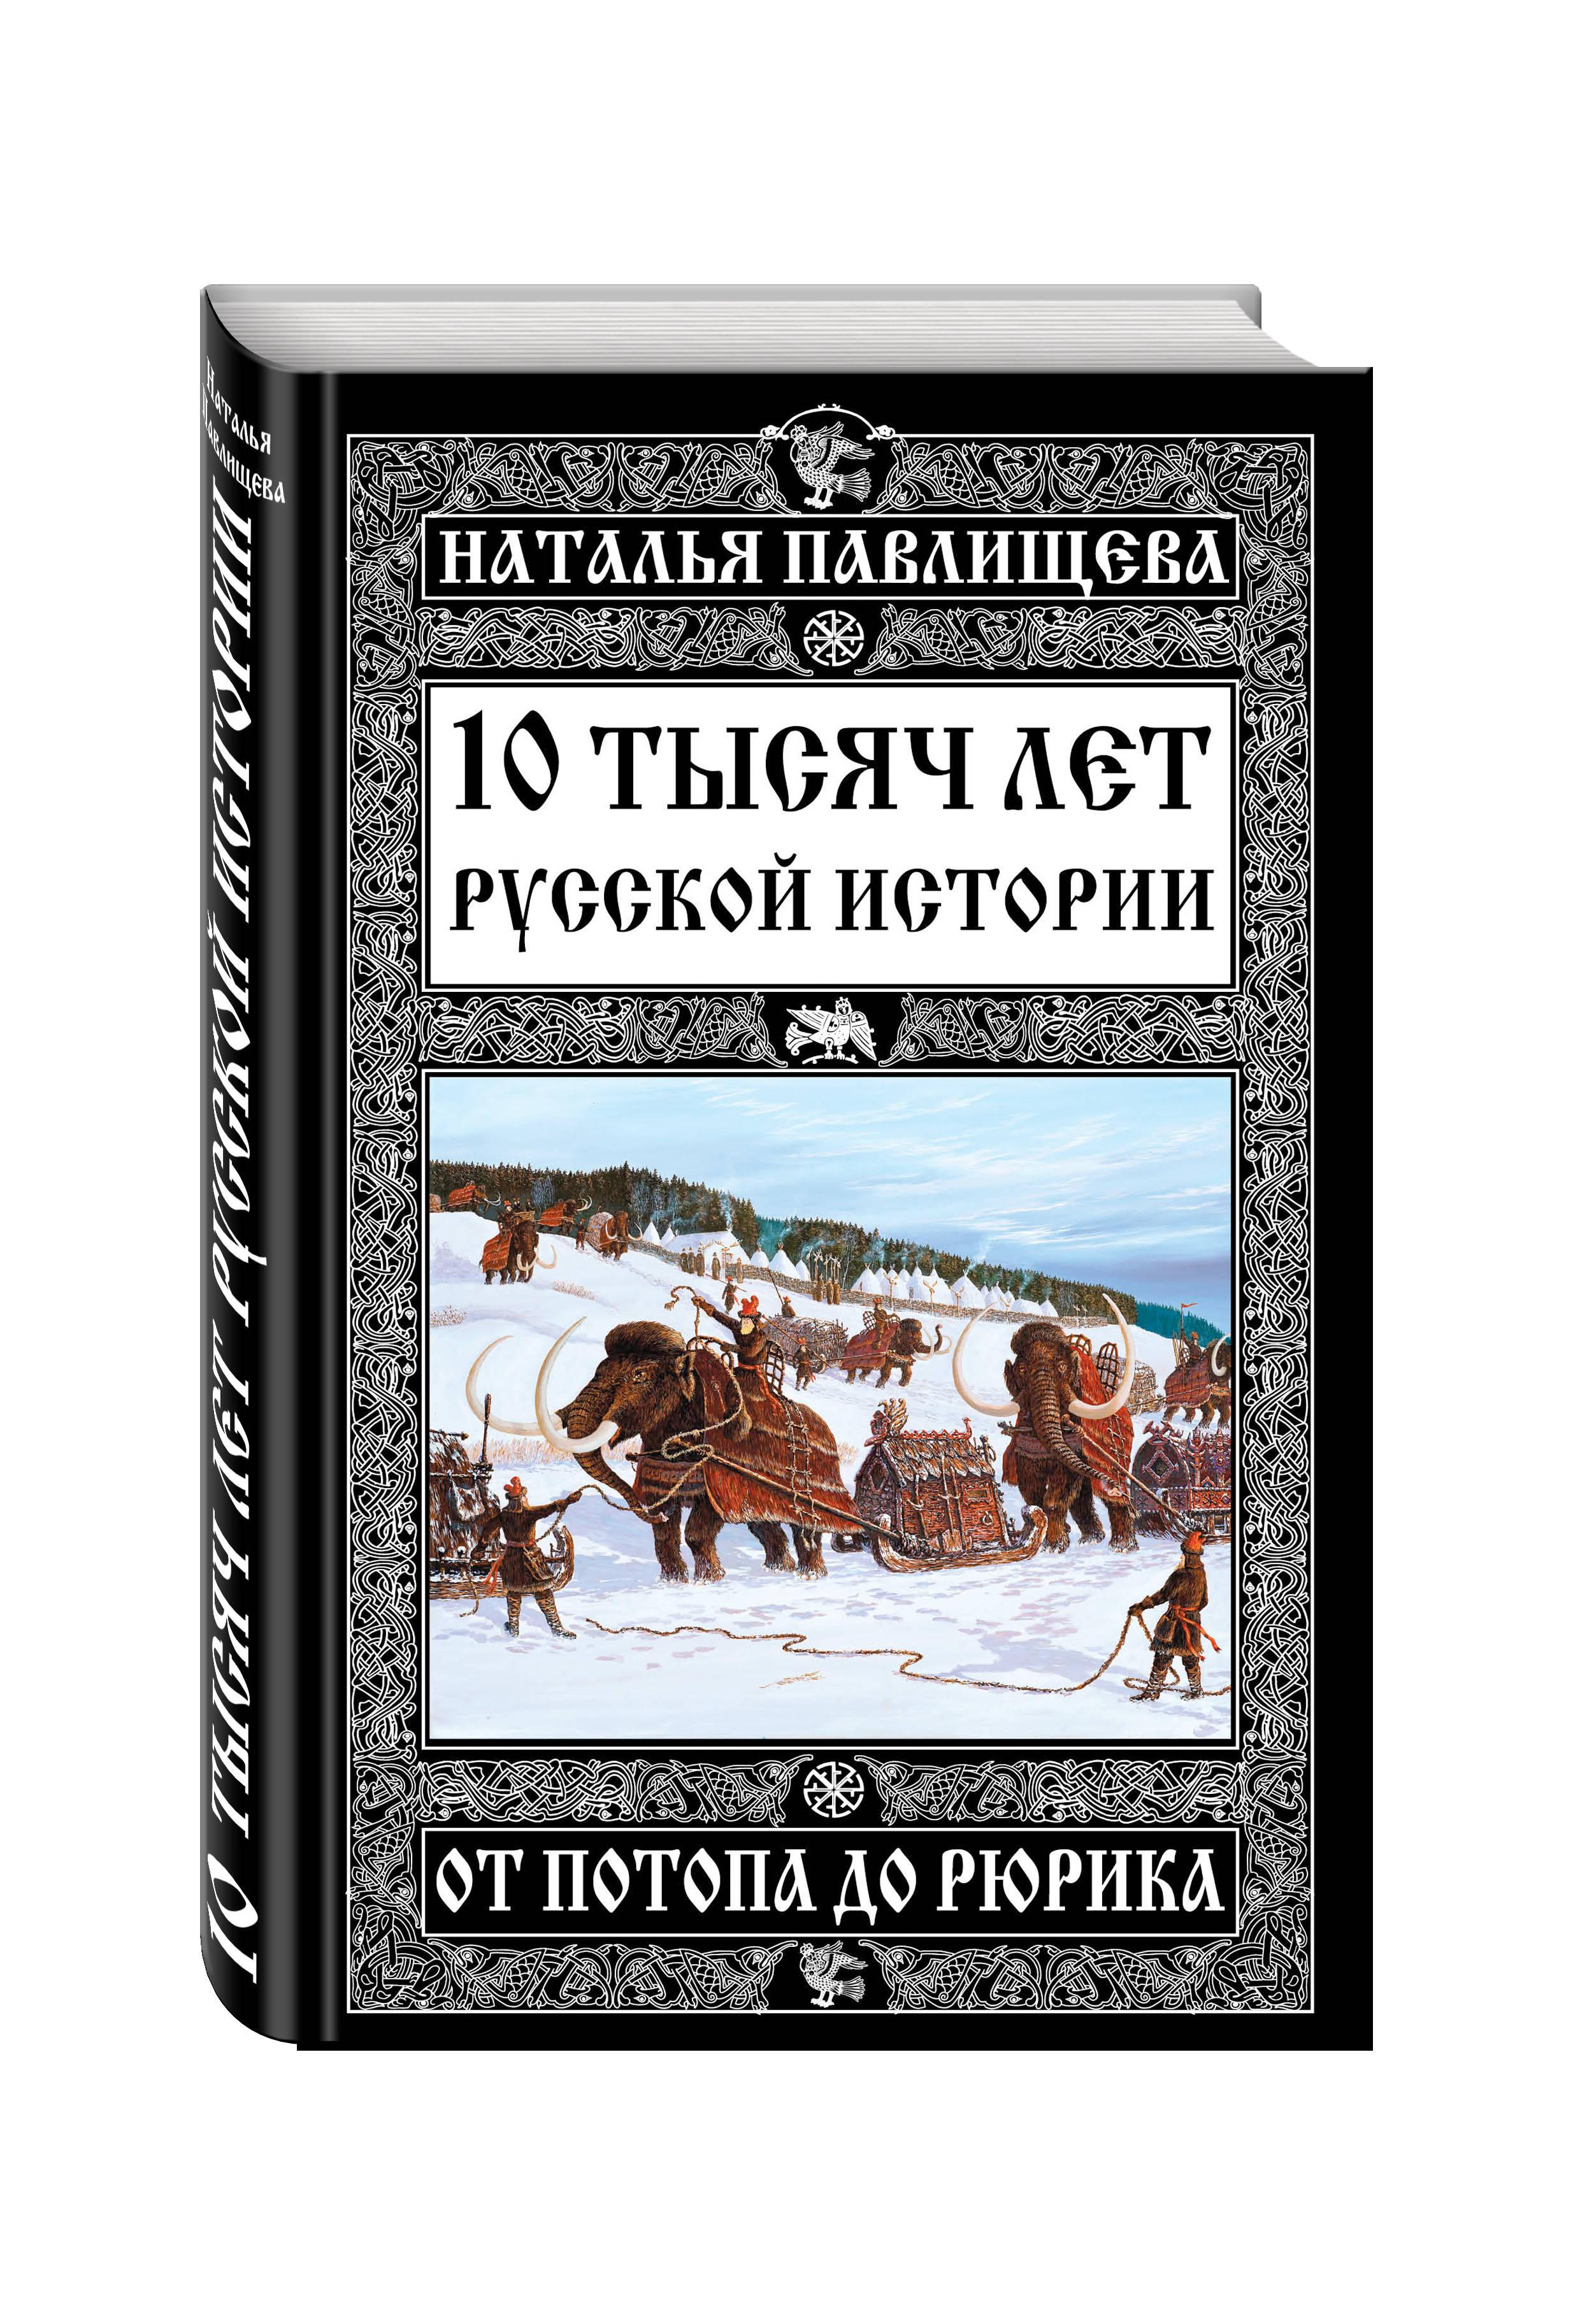 10 тысяч лет Русской истории – от Потопа до Рюрика